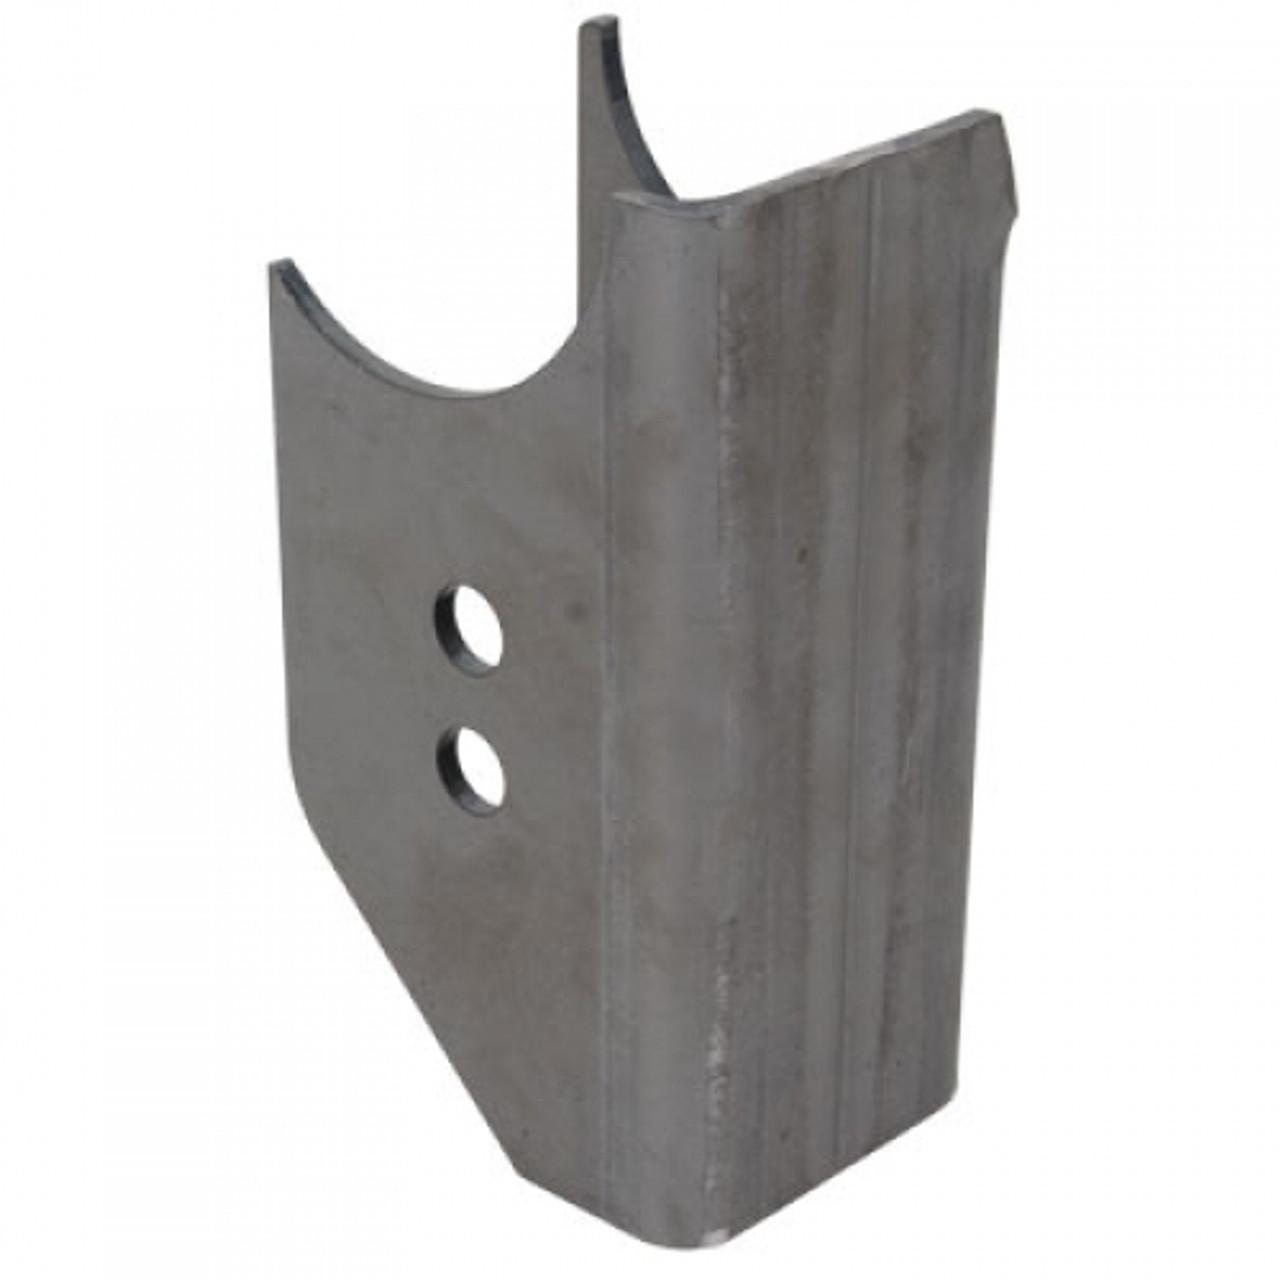 Rear side of Rear Lower Control Arm Axle Bracket Kit for JK